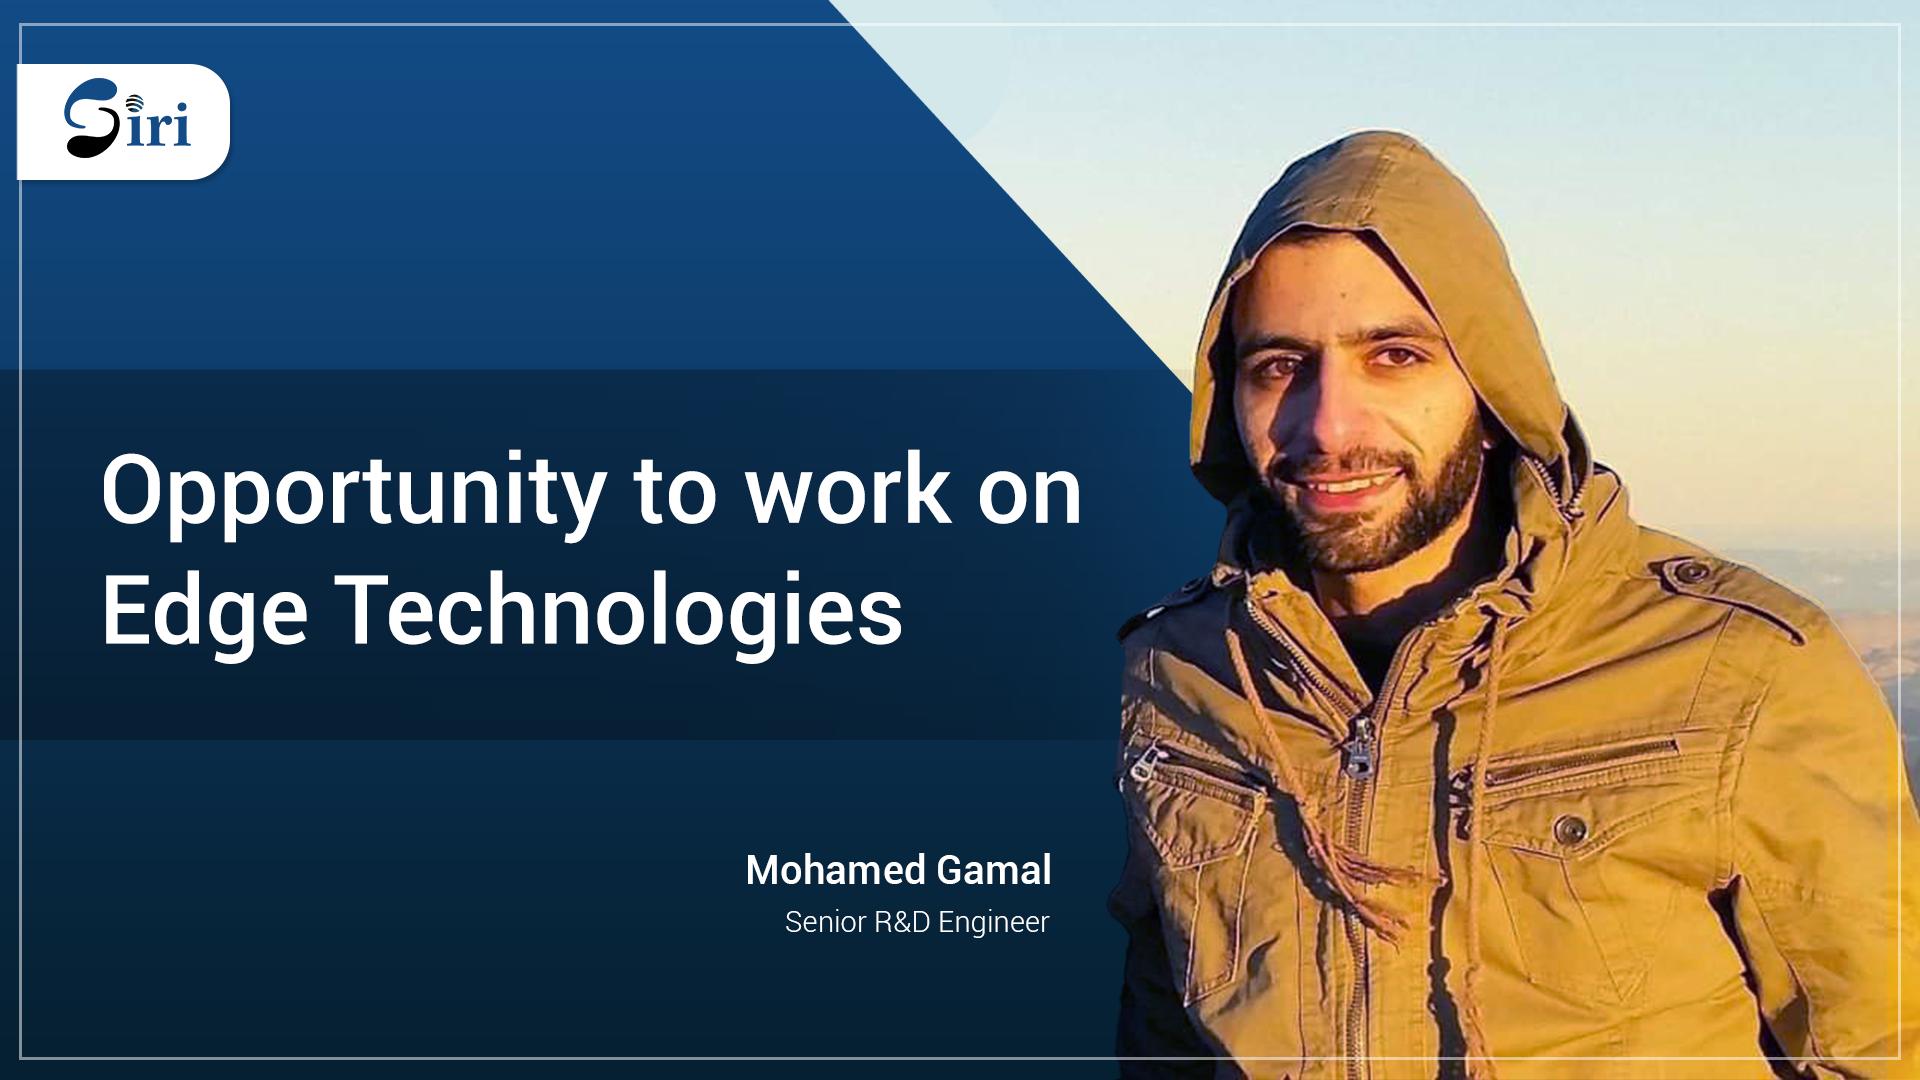 Mohamed Gamal Siri AB New Recruit